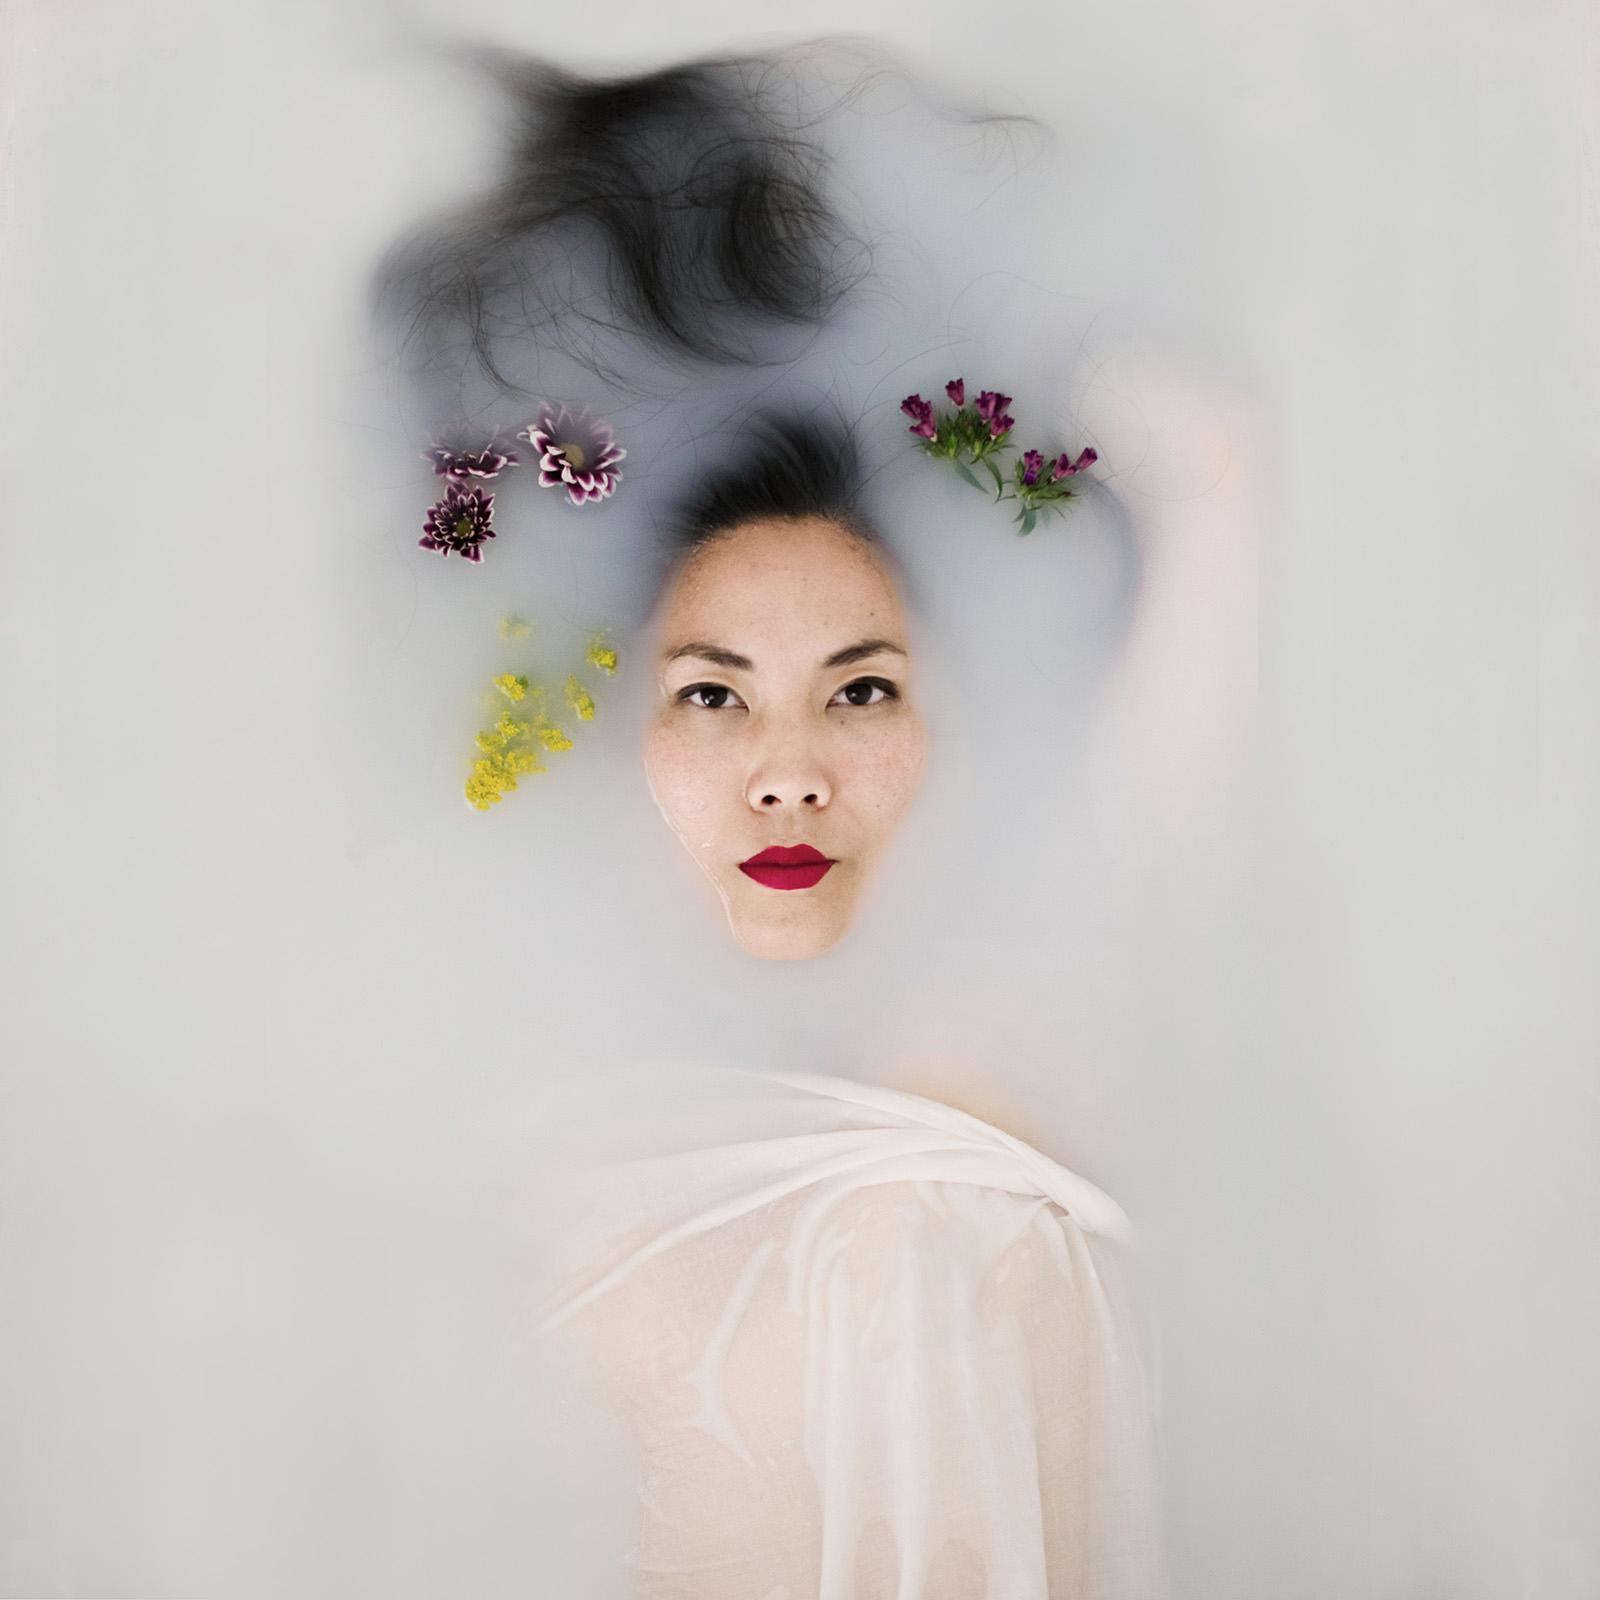 Goddess Milk Bath Portrait of Mia by Jaclyn Le